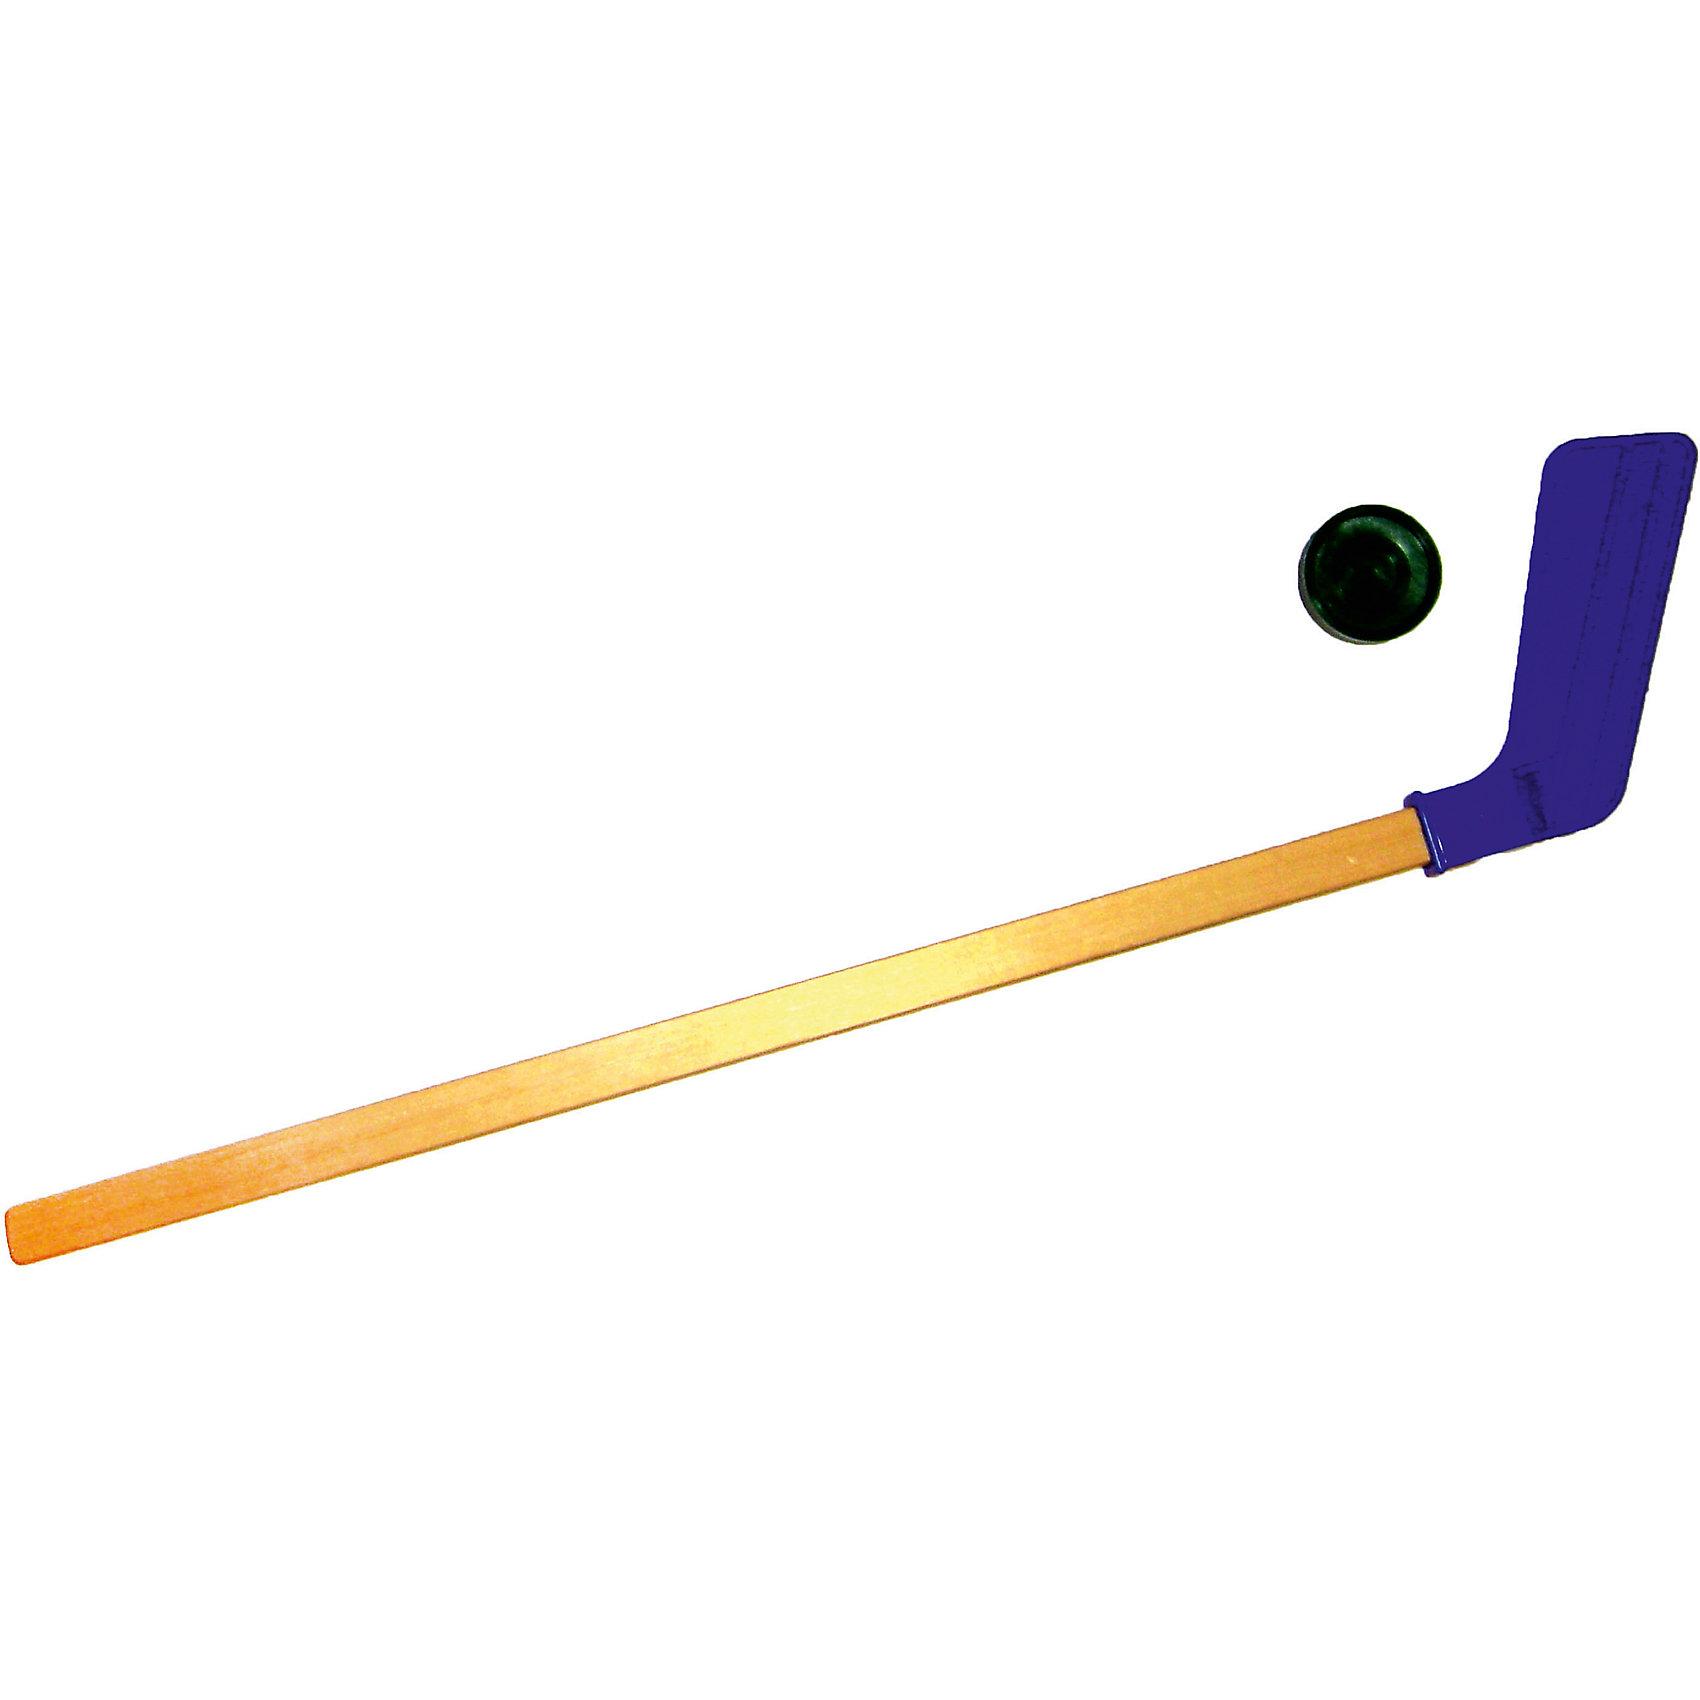 Клюшка детская хоккейная с шайбой, MPSportОсновные характеристики<br><br>Длина клюшки: 71см<br>В комплекте: шайба, клюшка<br>Материал: клюшка: рукоять - дерево, крюк - пластик; шайба: пластик<br>Цвет: клюшки- синие, красные, желтые, зеленые; шайбы - синие, красные, оранжевые, зеленые, черные<br>Страна-производитель: Россия<br>Упаковка: пакет с европодвесом<br><br>Набор не предназначен для игры на льду! <br>Рекомендуется использовать его для игровых целей внутри помещения и на открытом воздухе.<br><br>Ширина мм: 710<br>Глубина мм: 160<br>Высота мм: 40<br>Вес г: 200<br>Возраст от месяцев: 36<br>Возраст до месяцев: 192<br>Пол: Унисекс<br>Возраст: Детский<br>SKU: 5056607